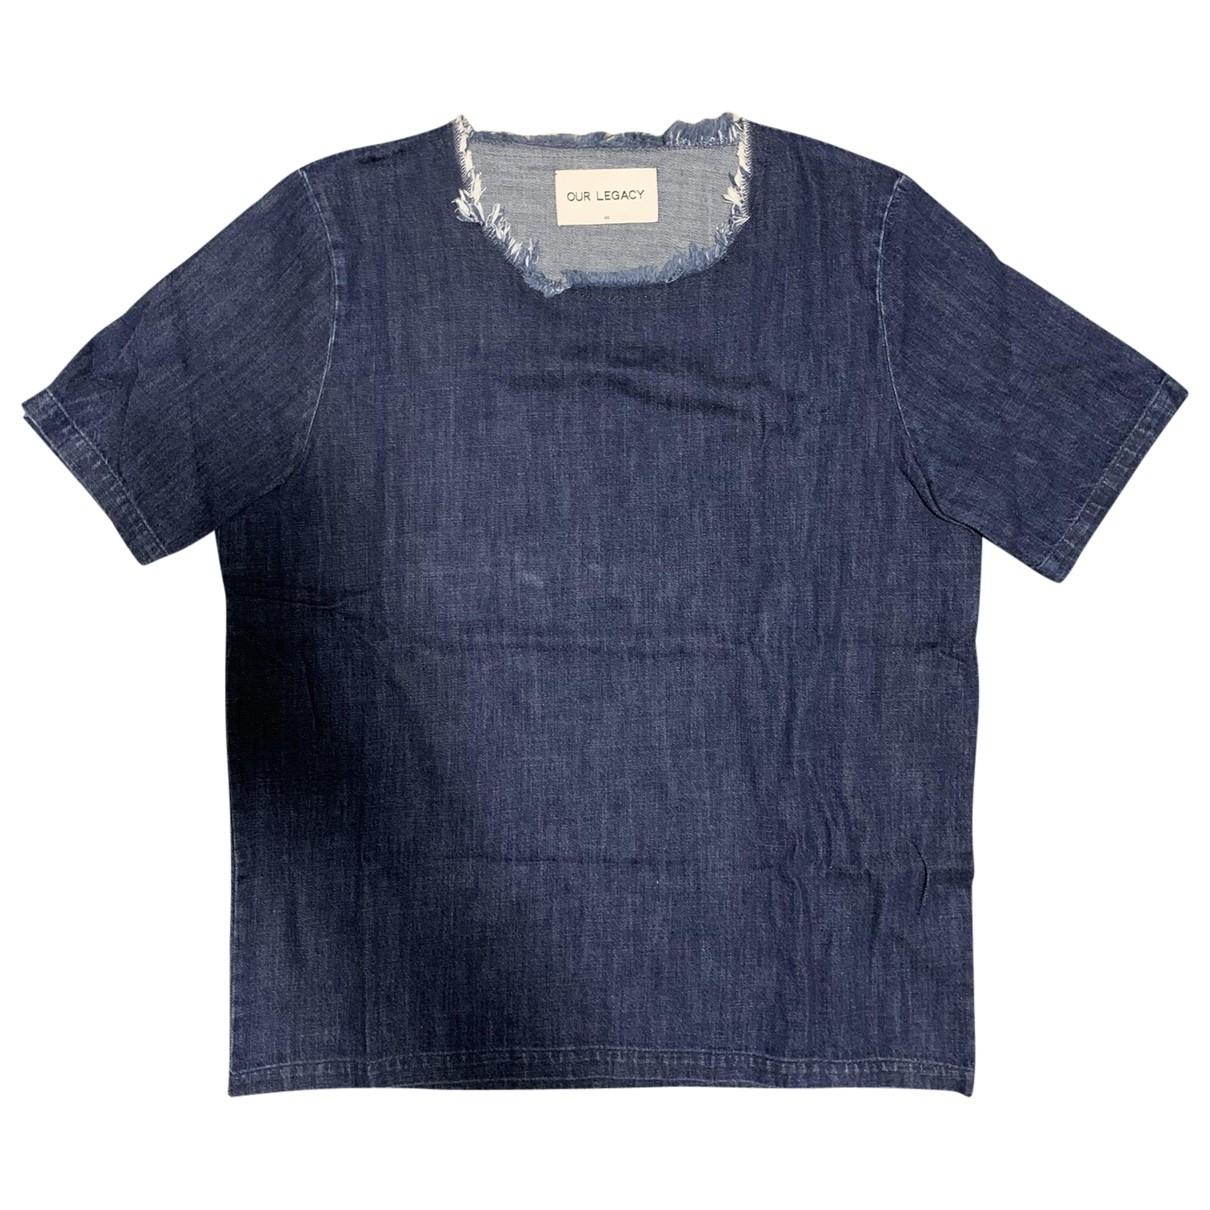 Our Legacy - Tee shirts   pour homme en coton